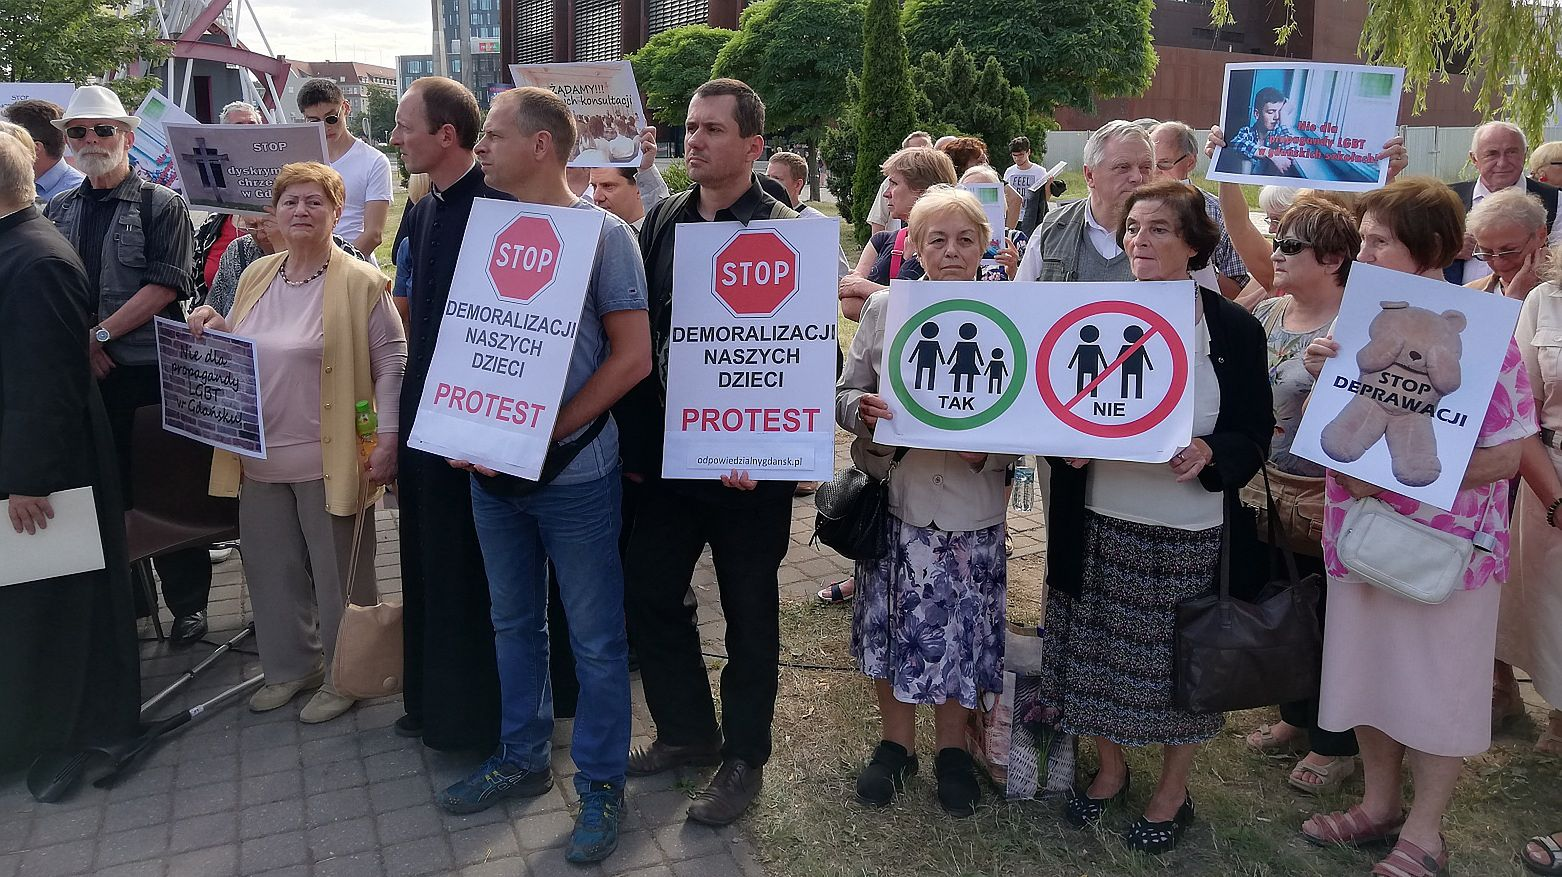 Gdańska prawica w natarciu: lewactwo chce uczyć dzieci masturbacji